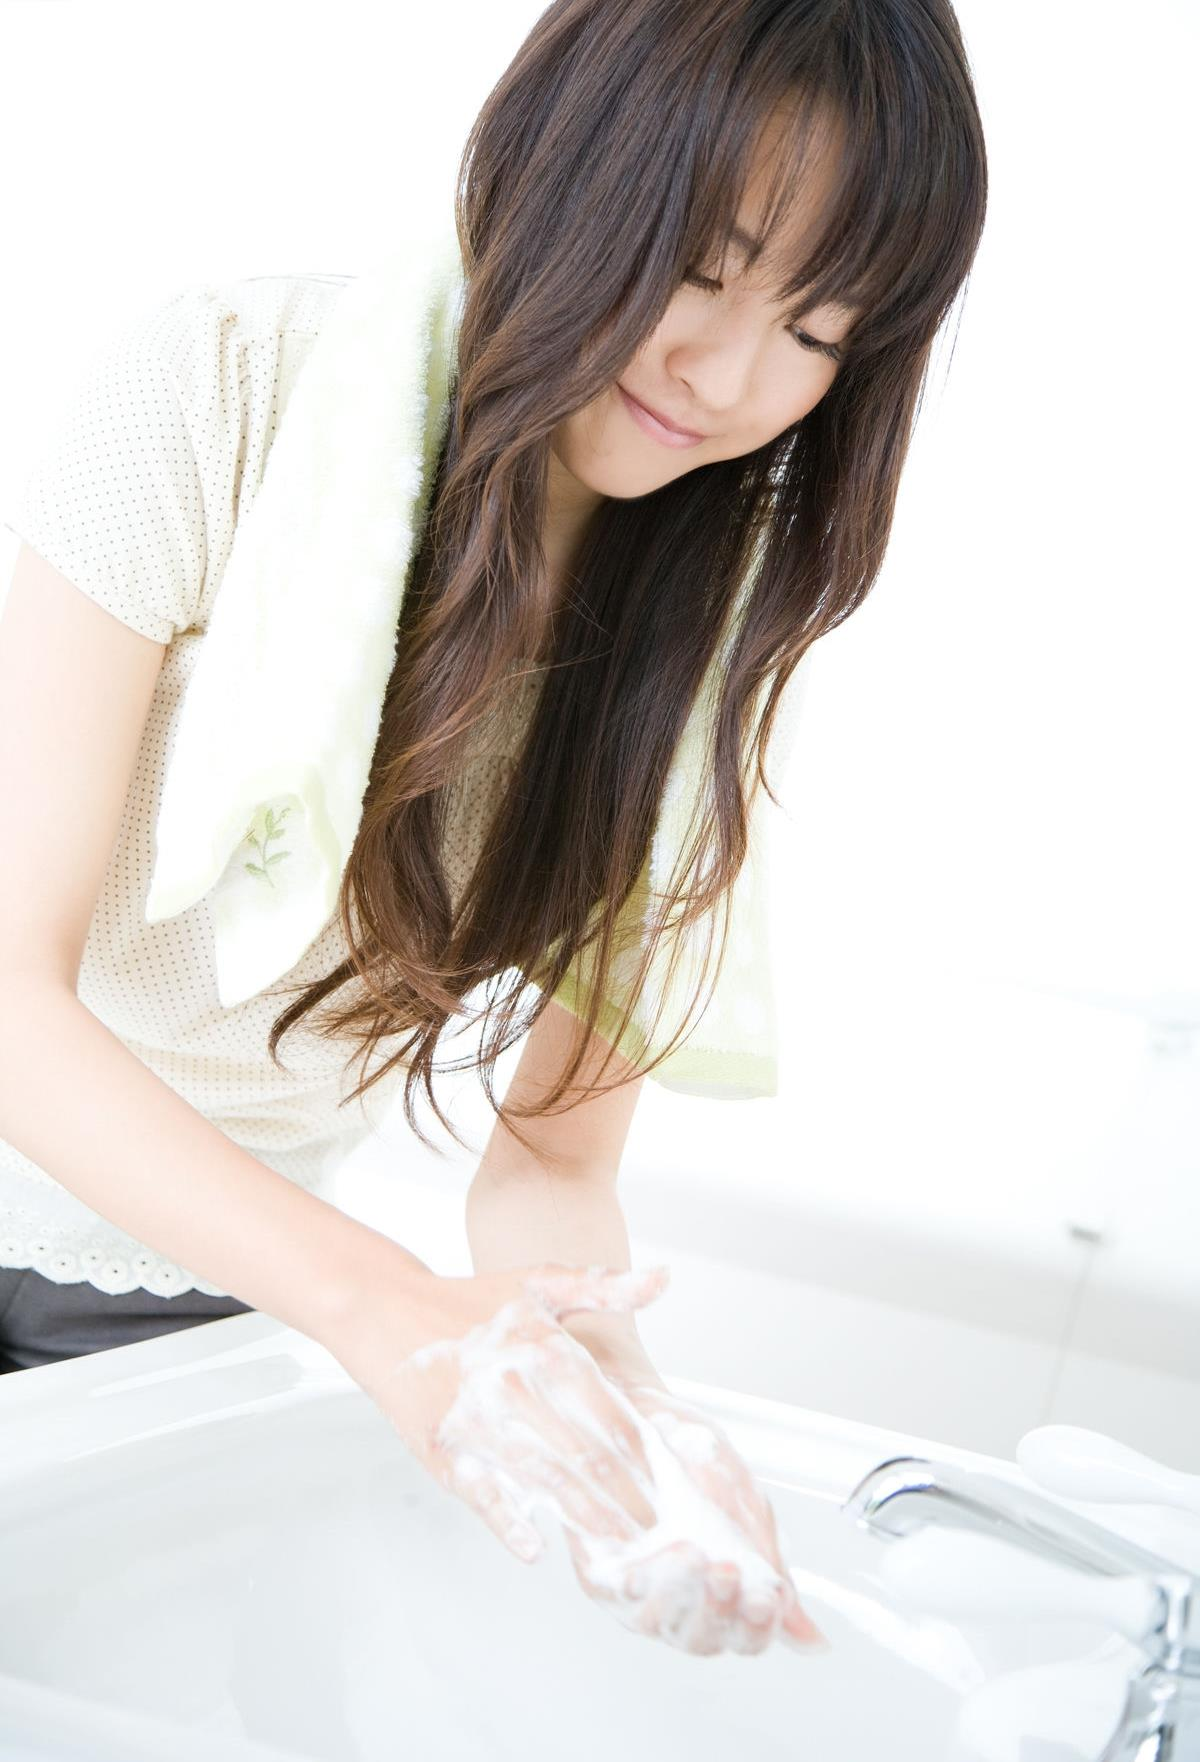 戸田恵梨香 画像 42